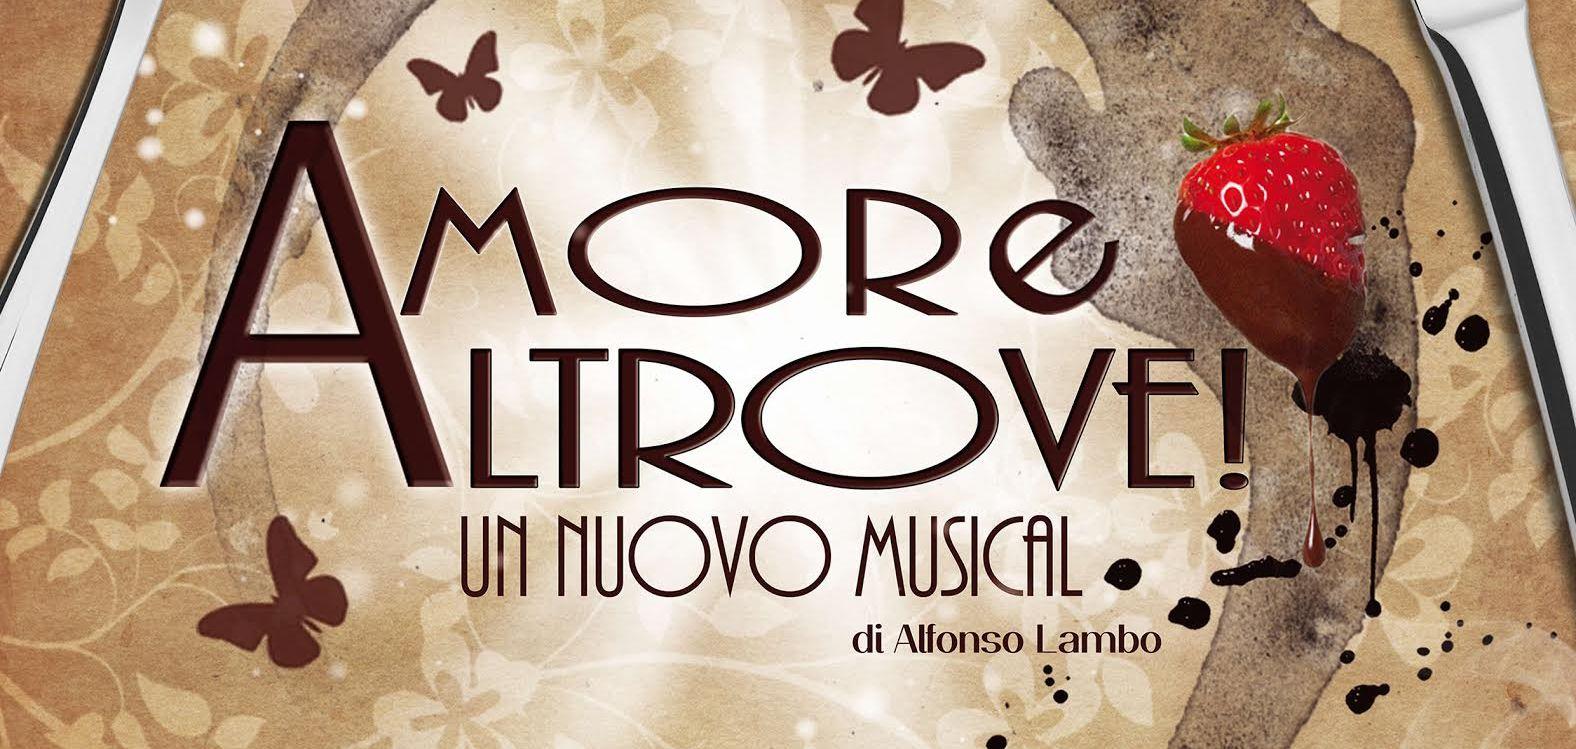 AmoreAltrove di Alfonso Lambo: uno spettacolo a cui non manca nulla